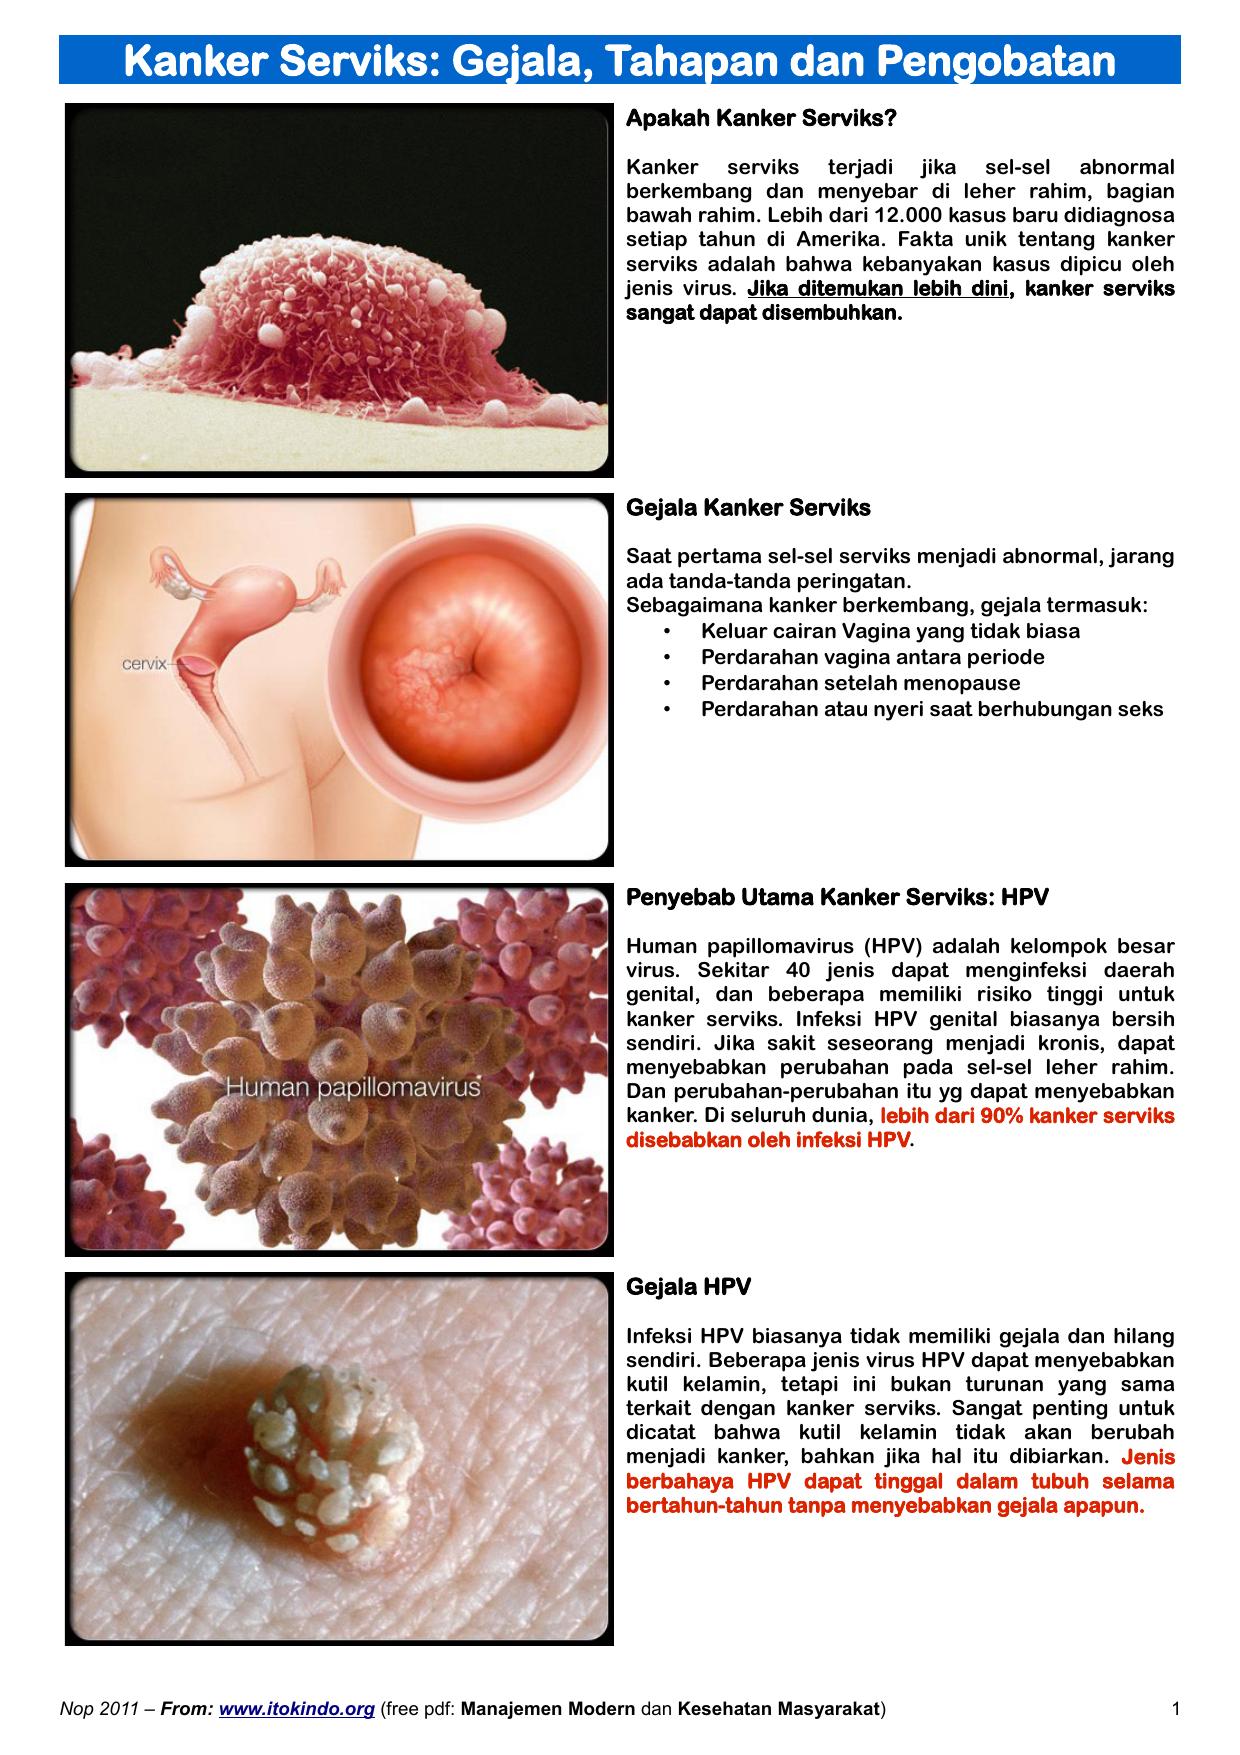 human papillomavirus adalah